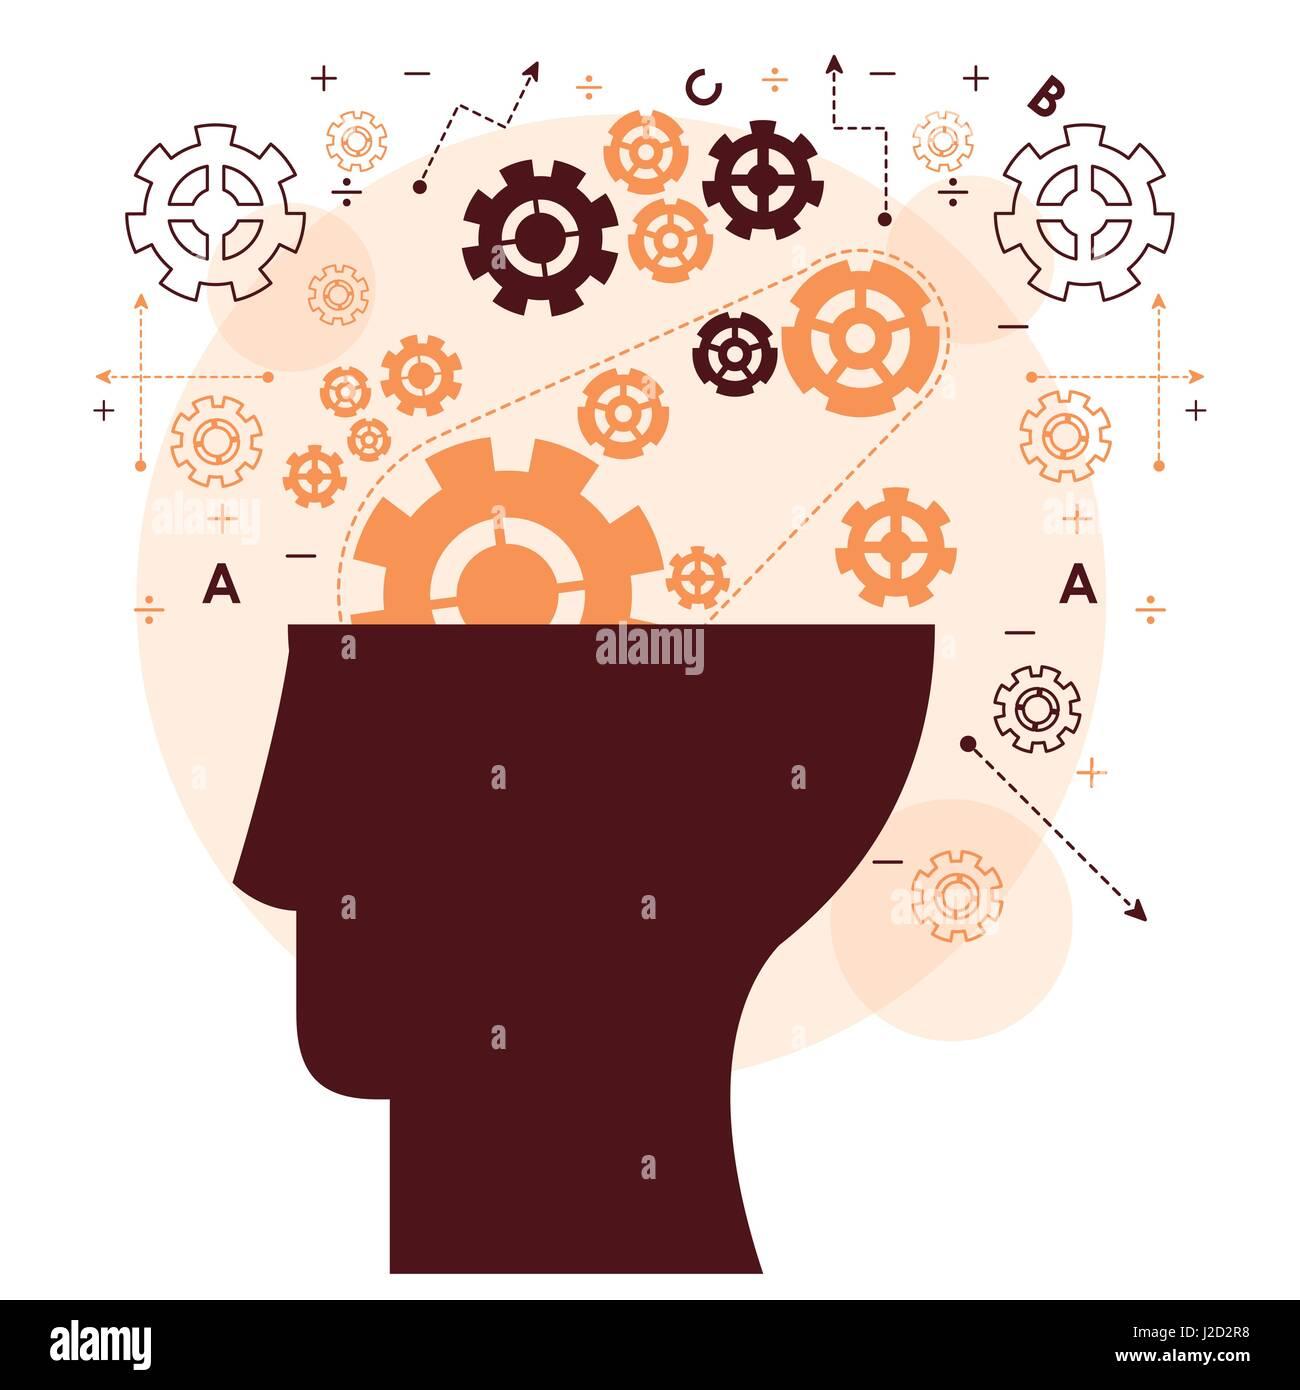 Testa umana mente marcia mentalità memoria di lavoro Immagini Stock